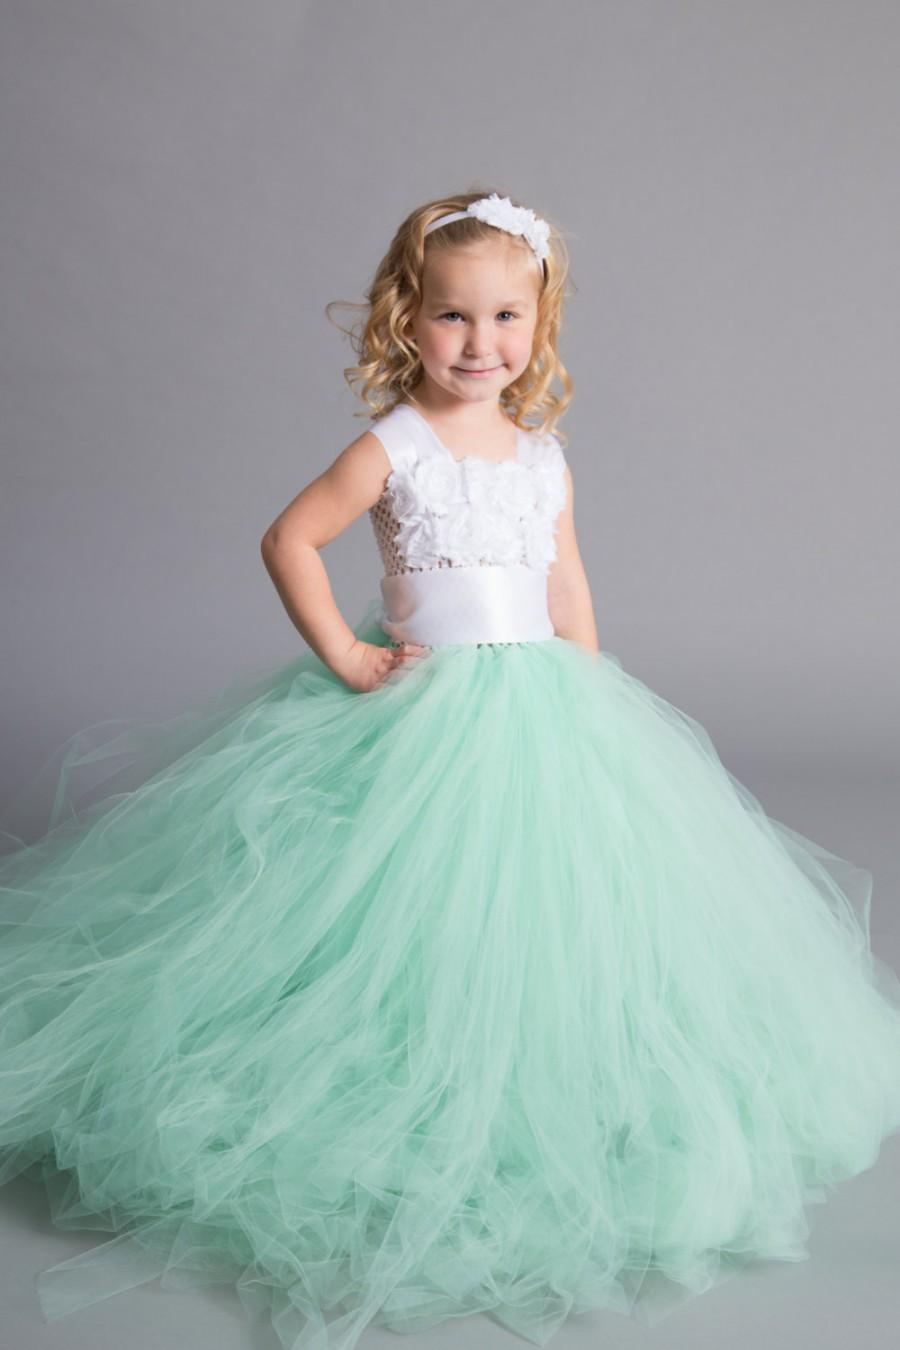 Flower Girl Dress - Tulle Flower Girl Dress - Mint Dress - Tulle ...